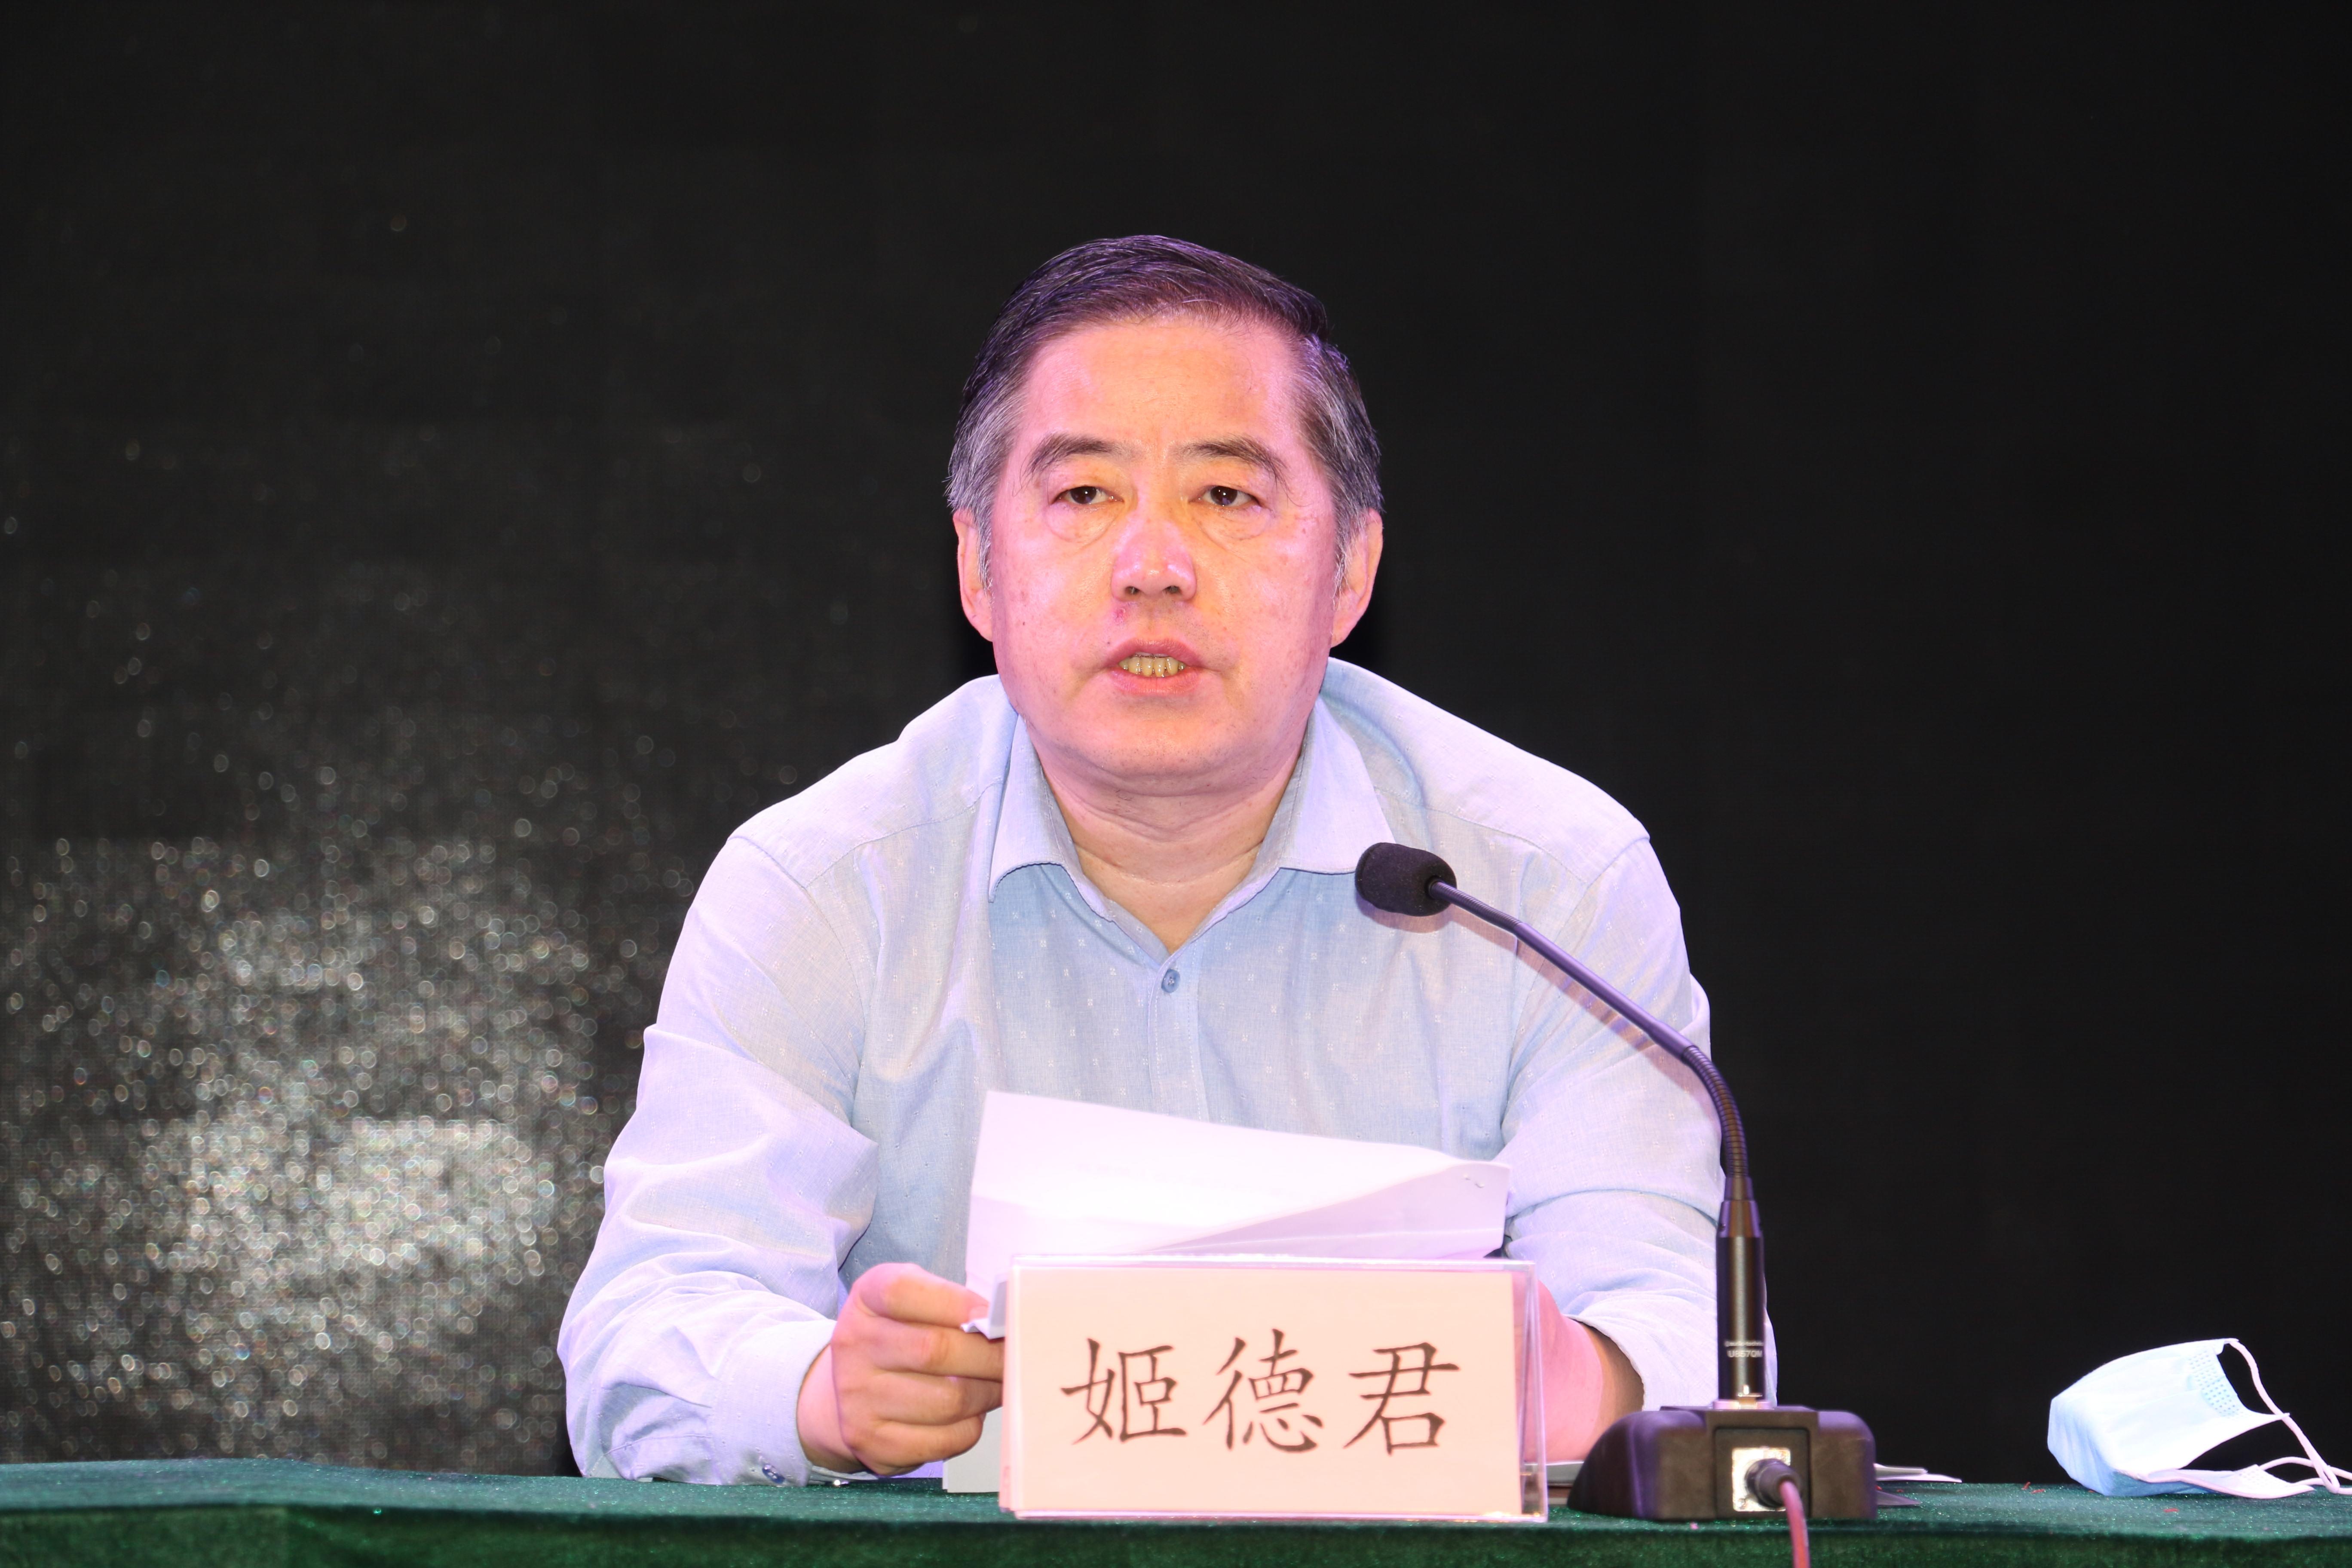 滨州市作家协会会员代表大会召开,选举产生新一届领导班子。省作家协会党组书记、副主席姬德君出席会议并讲话